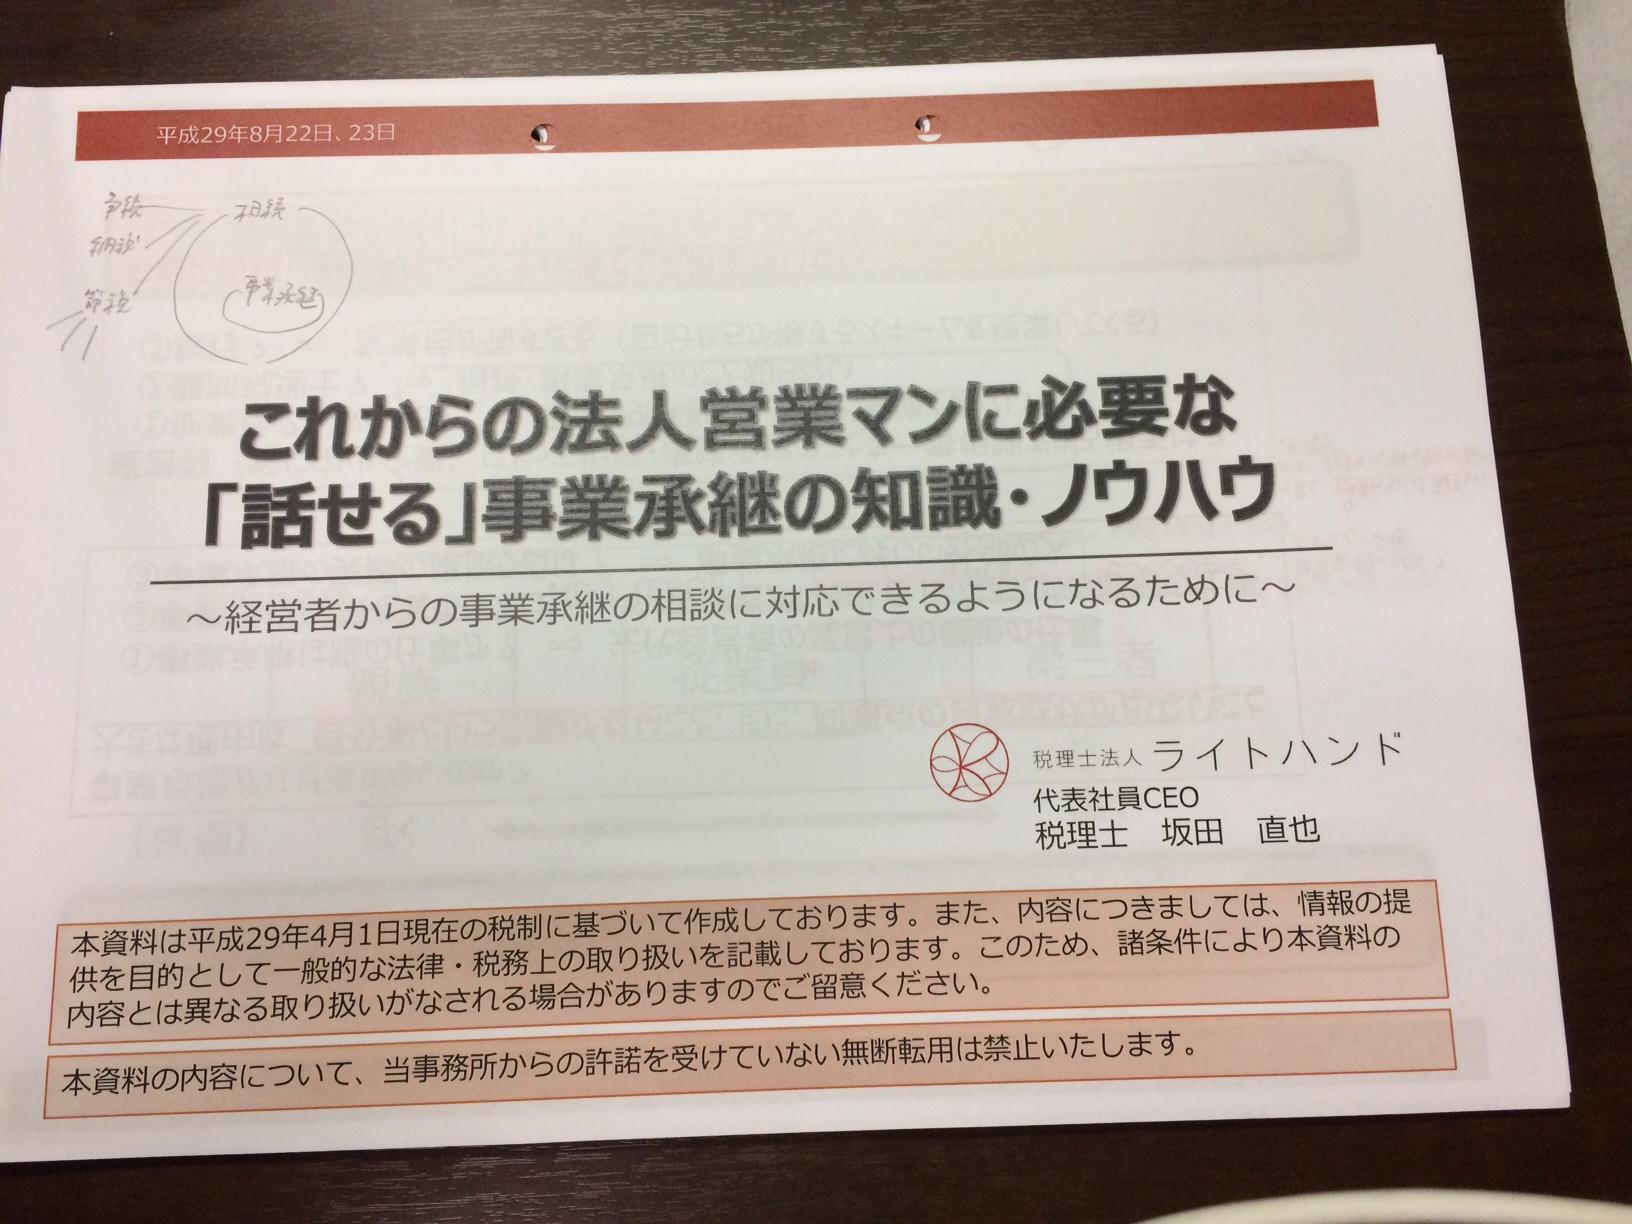 吉澤塾事業承継セミナーテキスト